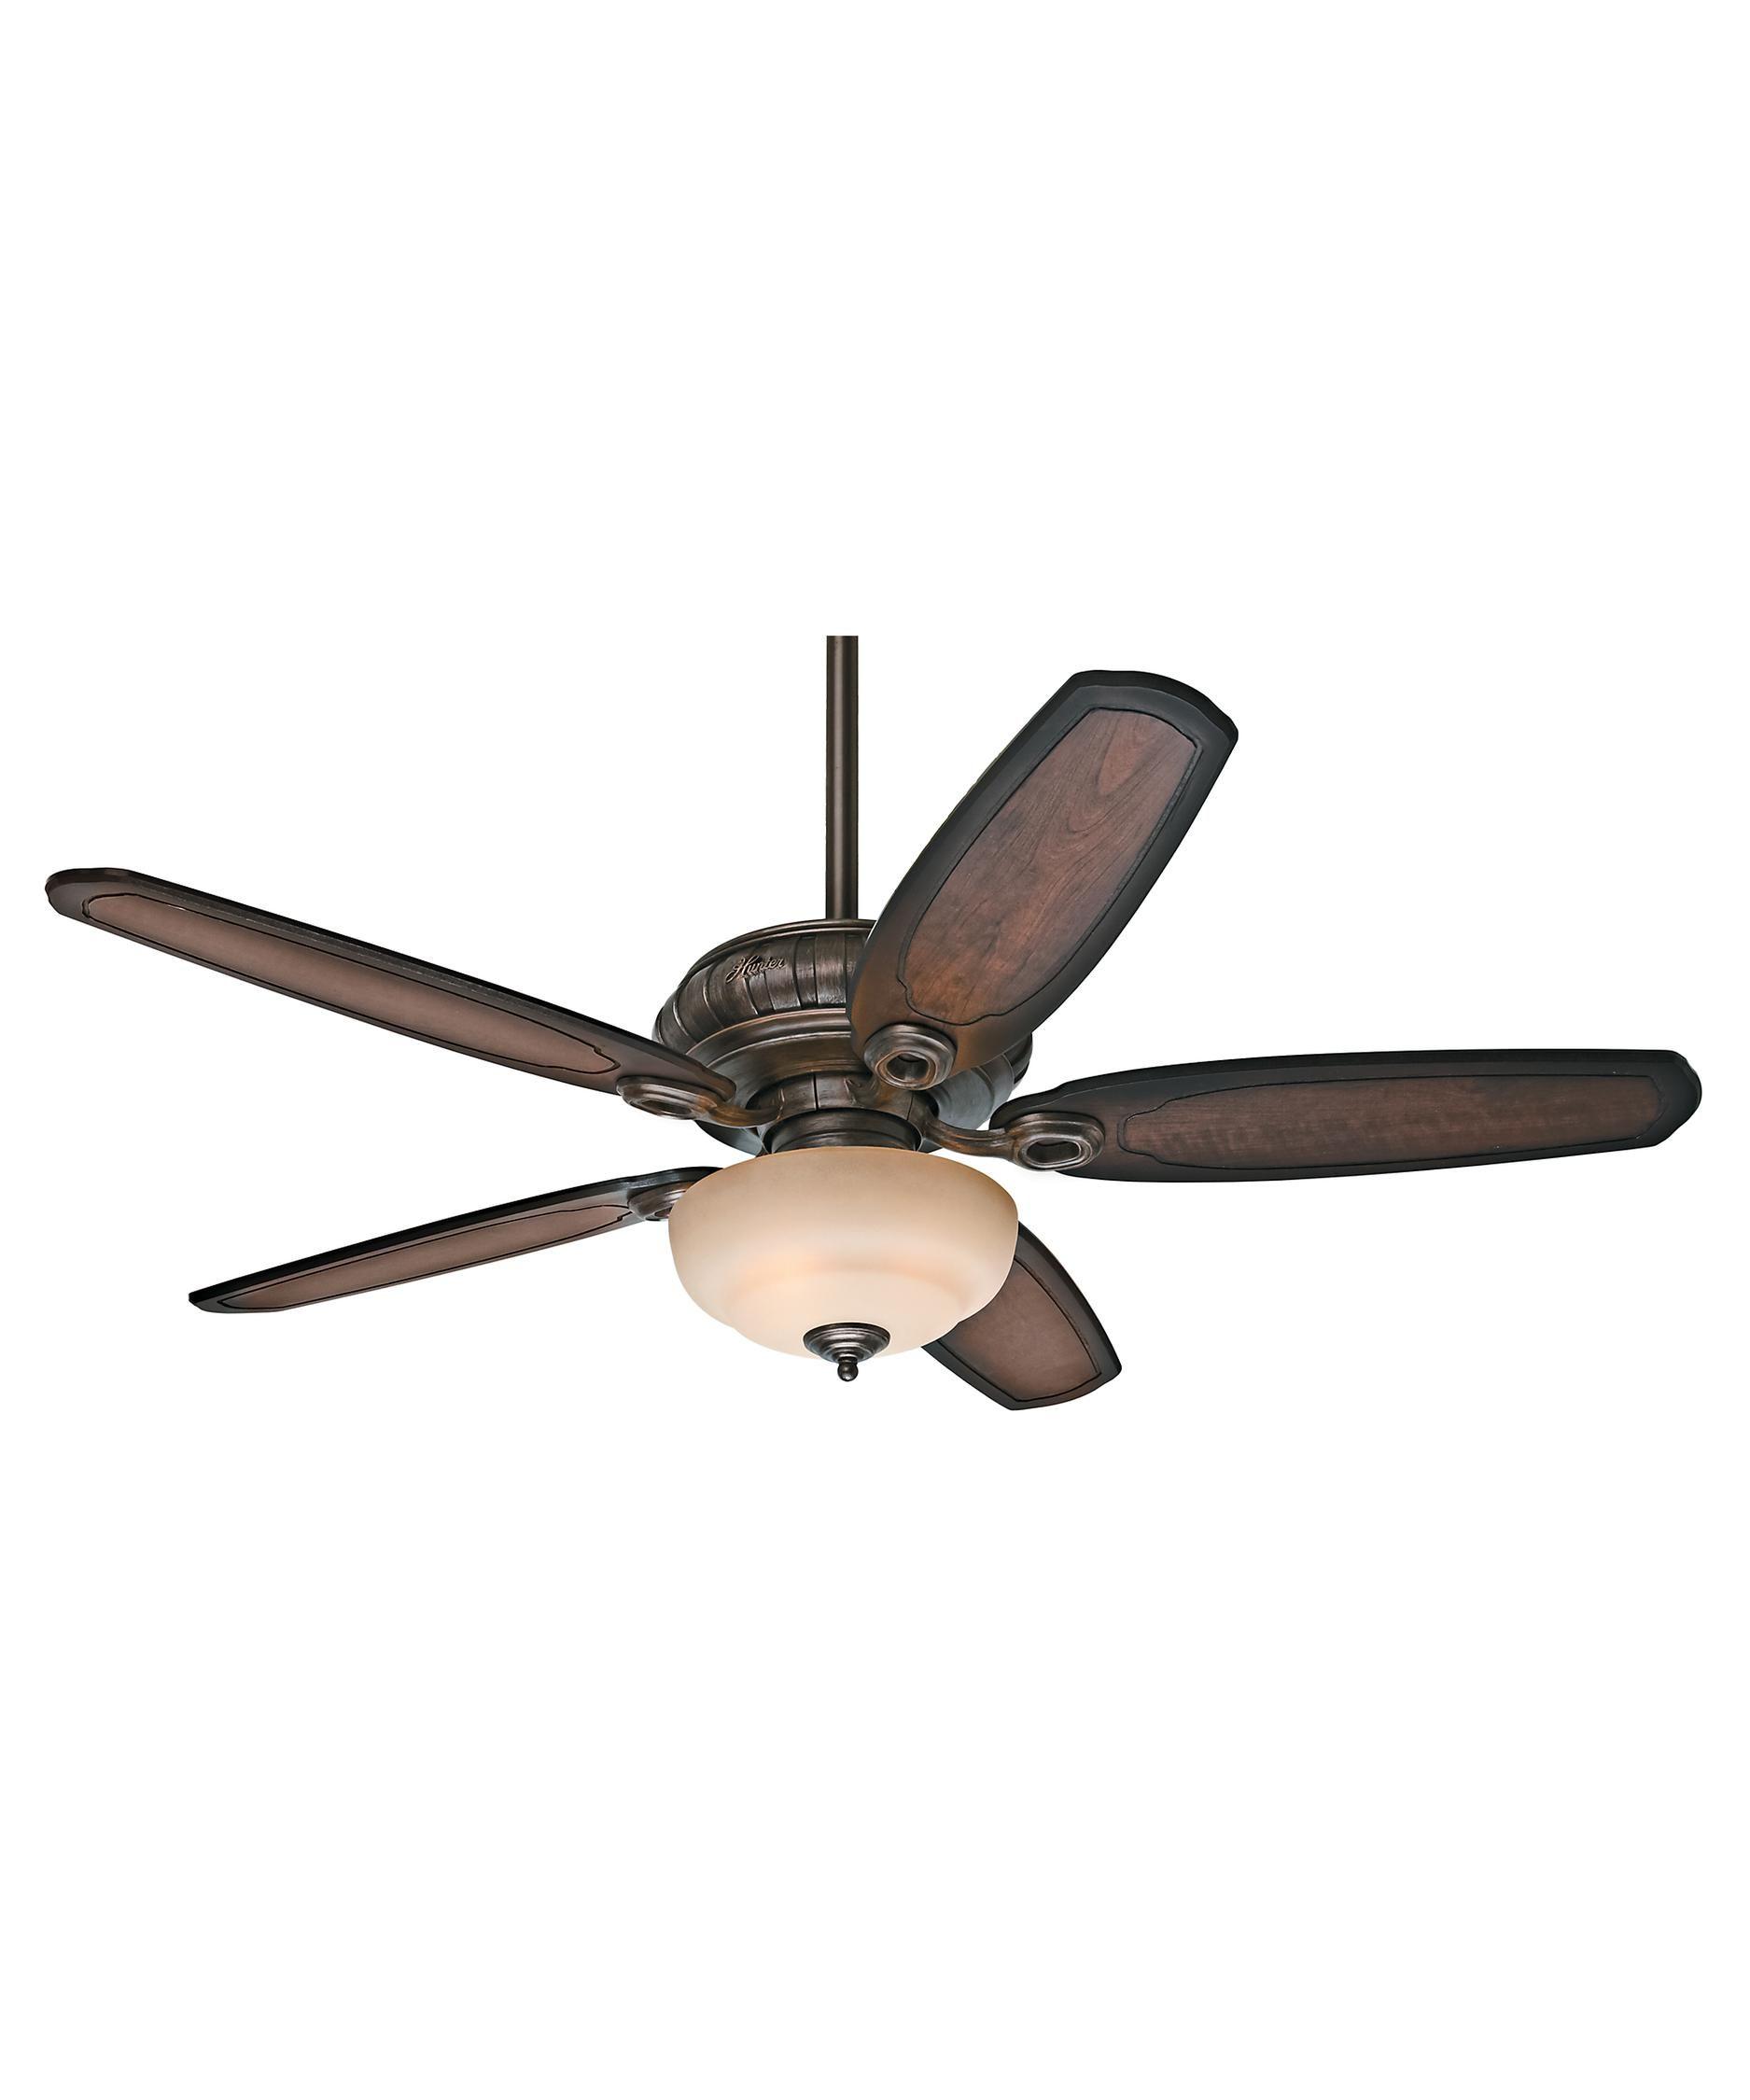 Hunter Fan Kingsbridge 54 Inch Ceiling Fan With Light Kit